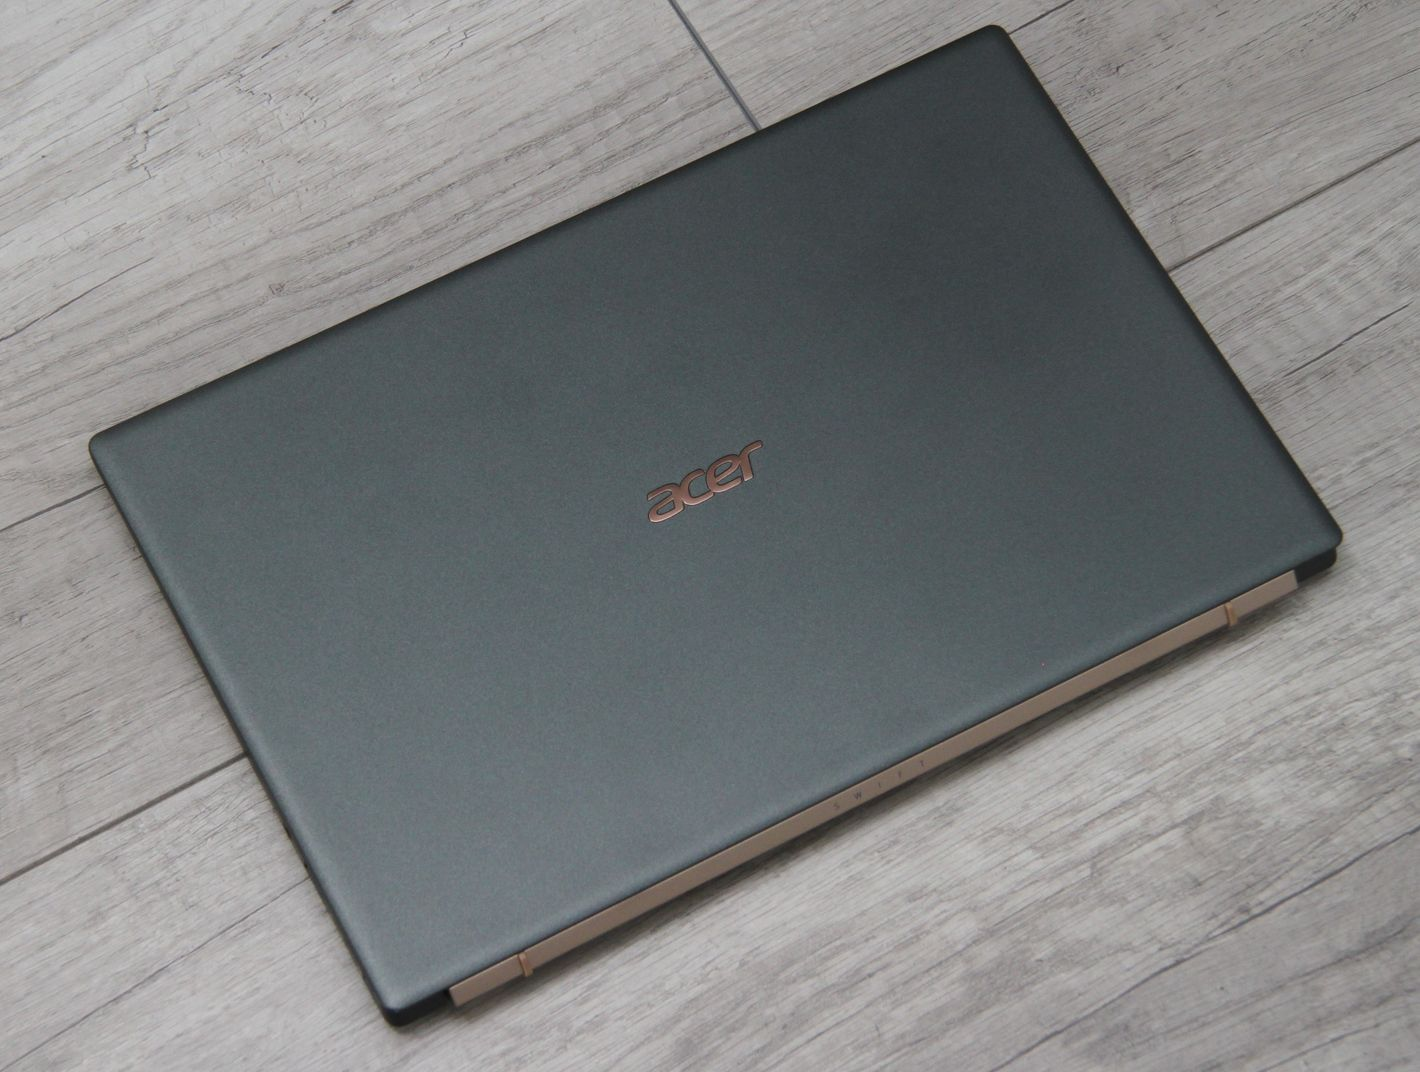 Acer Swift 5 Intel Tiger Lake